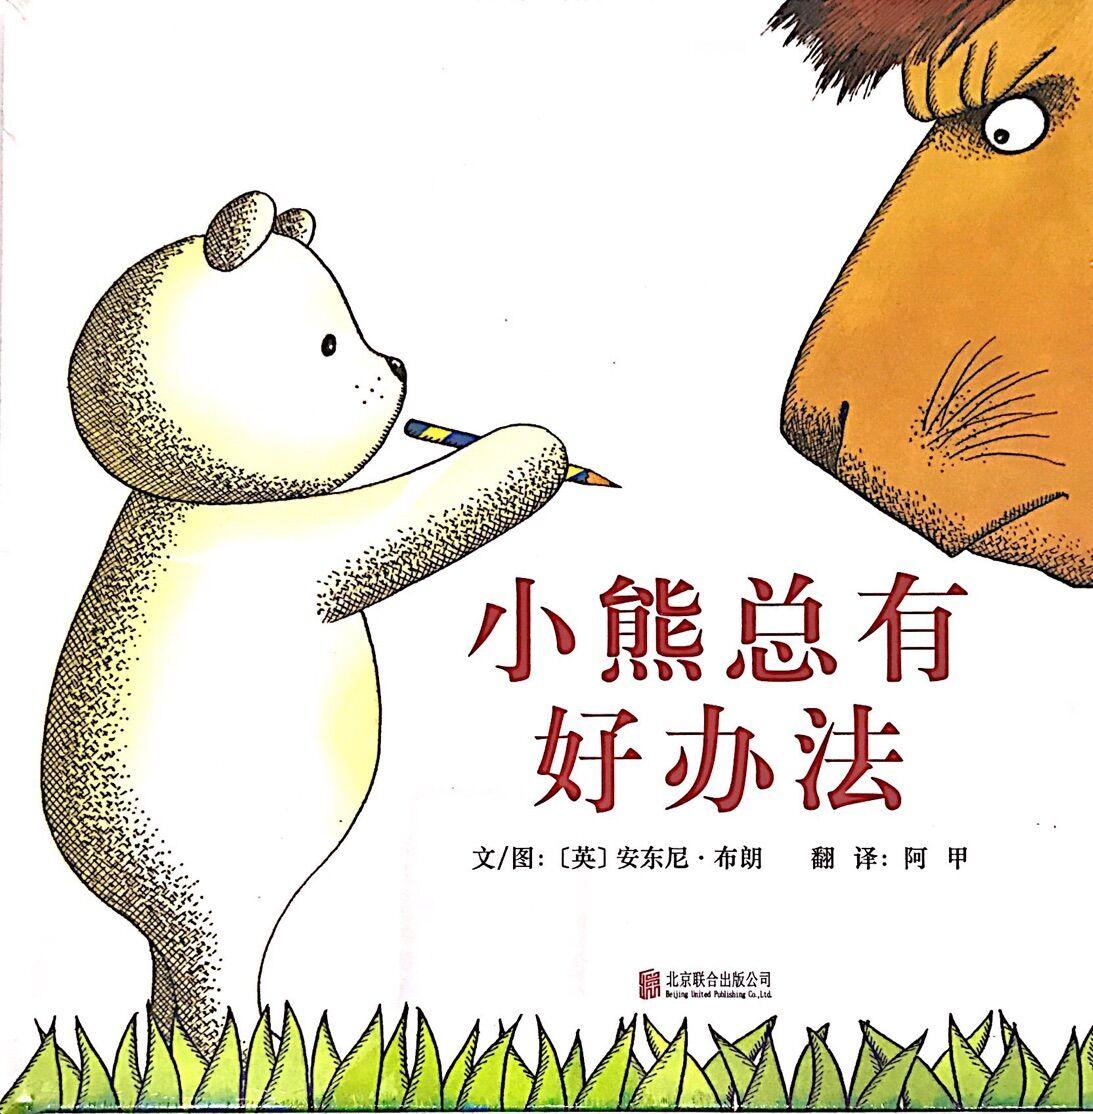 小熊总有好办法